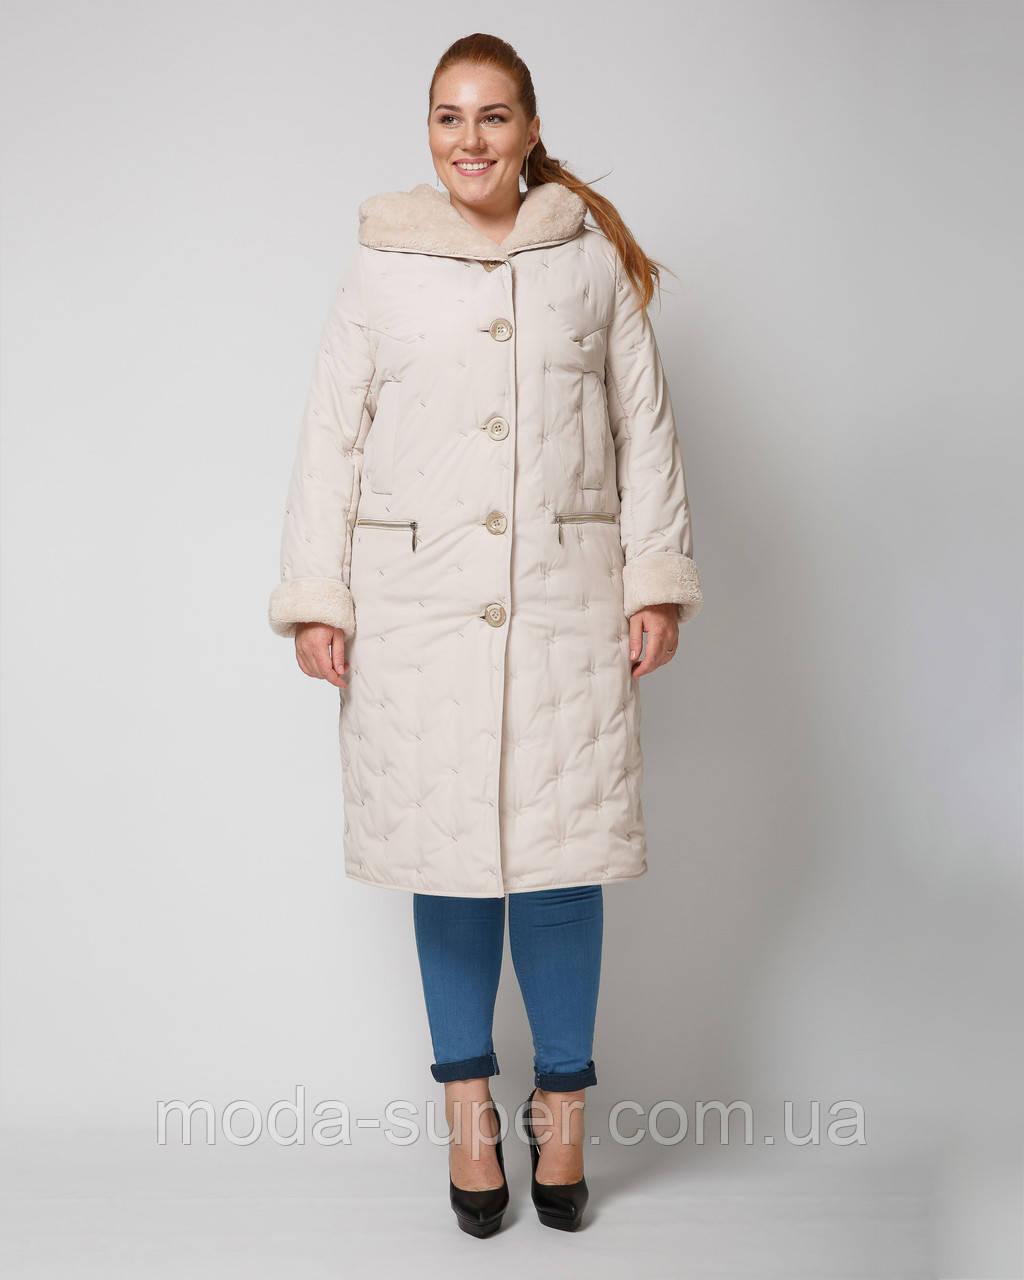 Куртка жіноча стьобаний рр 46-58